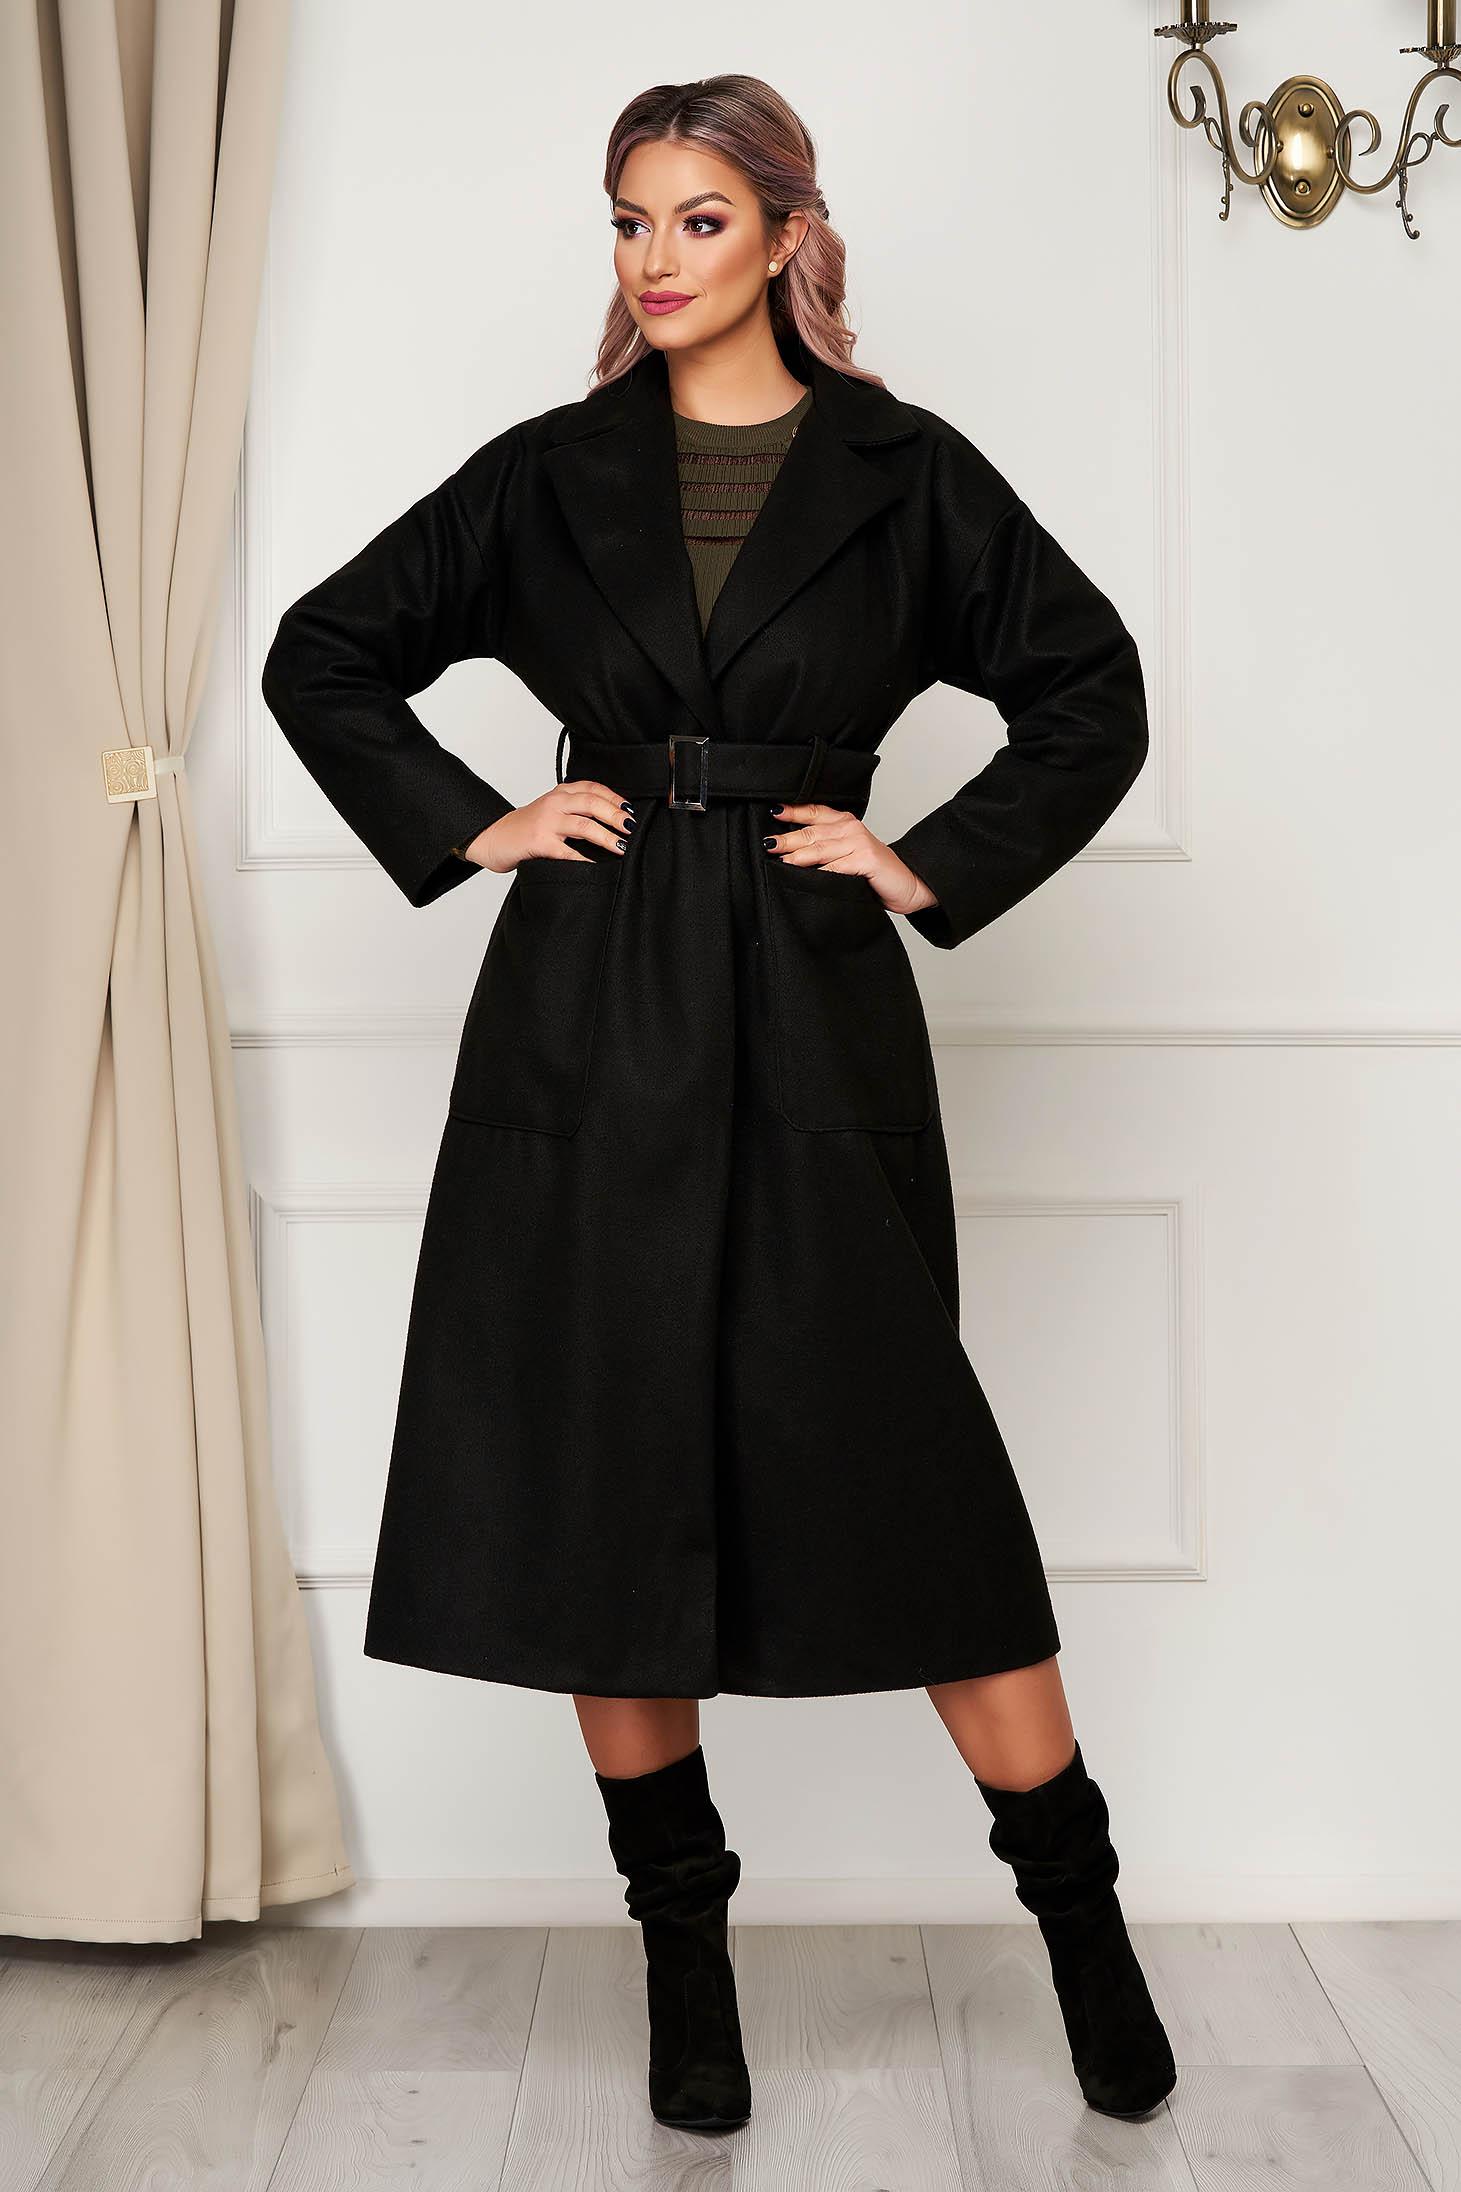 Fekete elegáns kabát egyenes szabással rugalmatlan szövetből zsebekkel